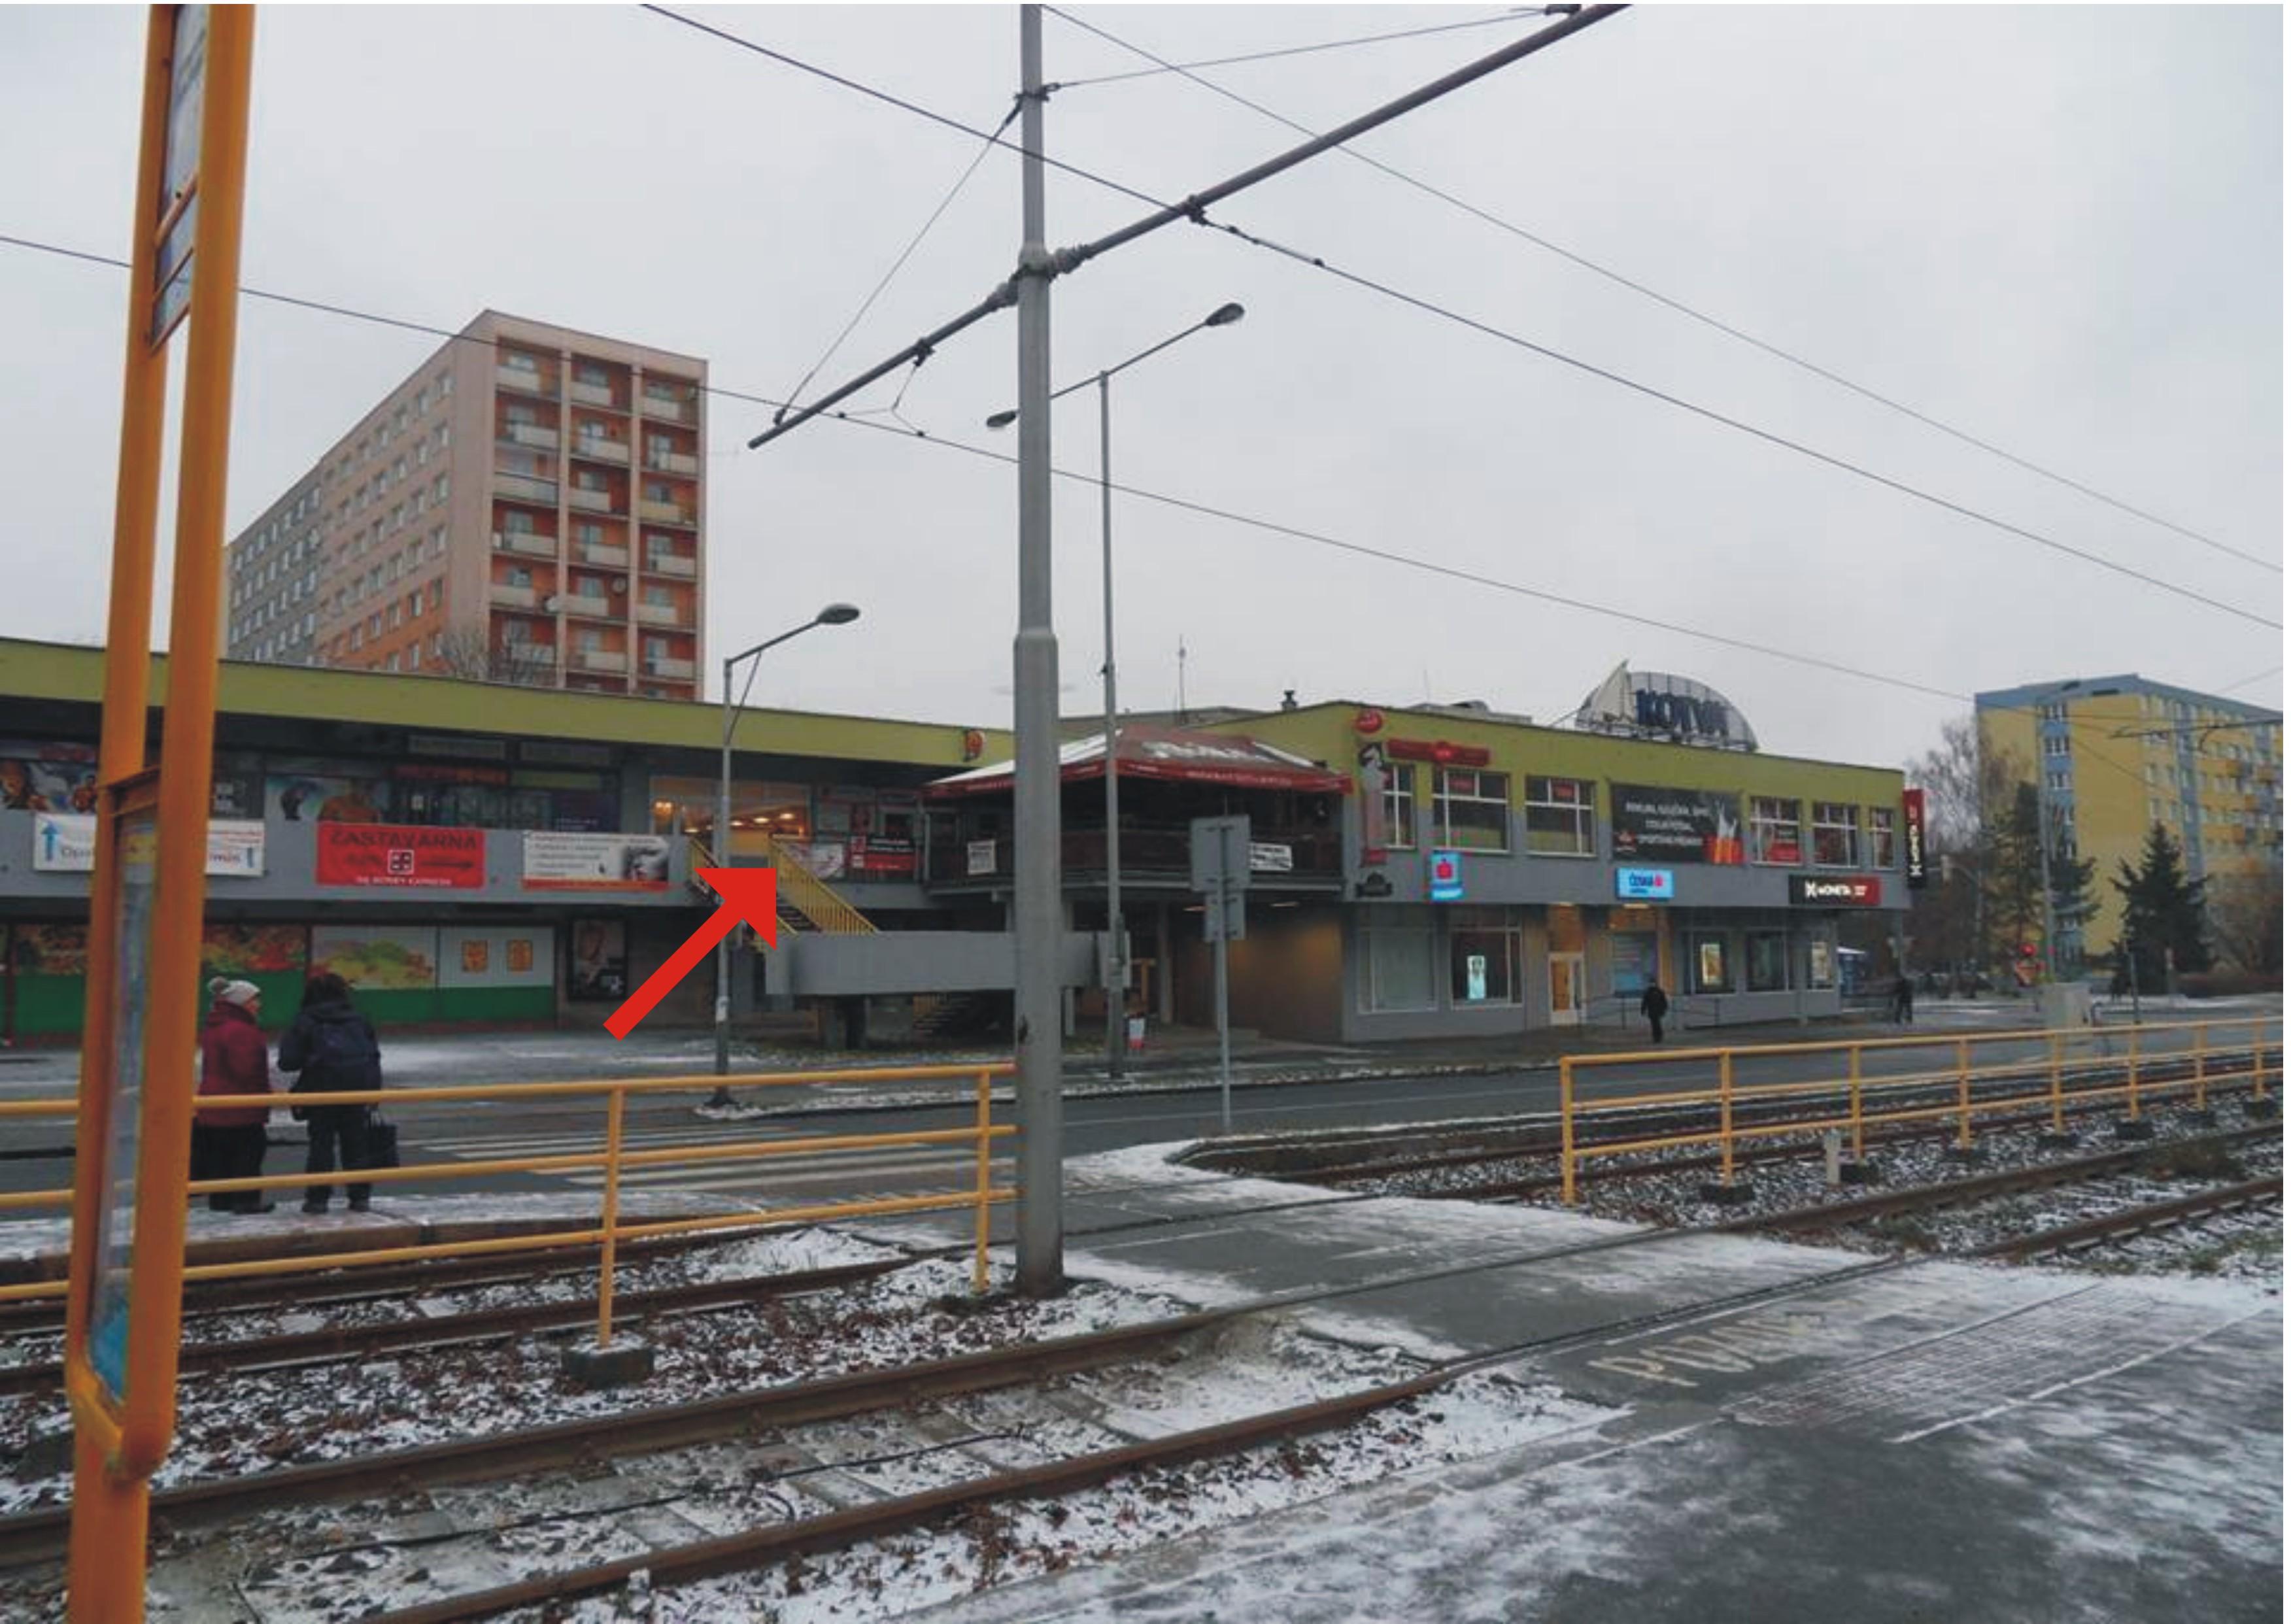 Pobočka Ostrava-Zábřeh, Výškovická 2638-112 (GS Money EXPRESS)